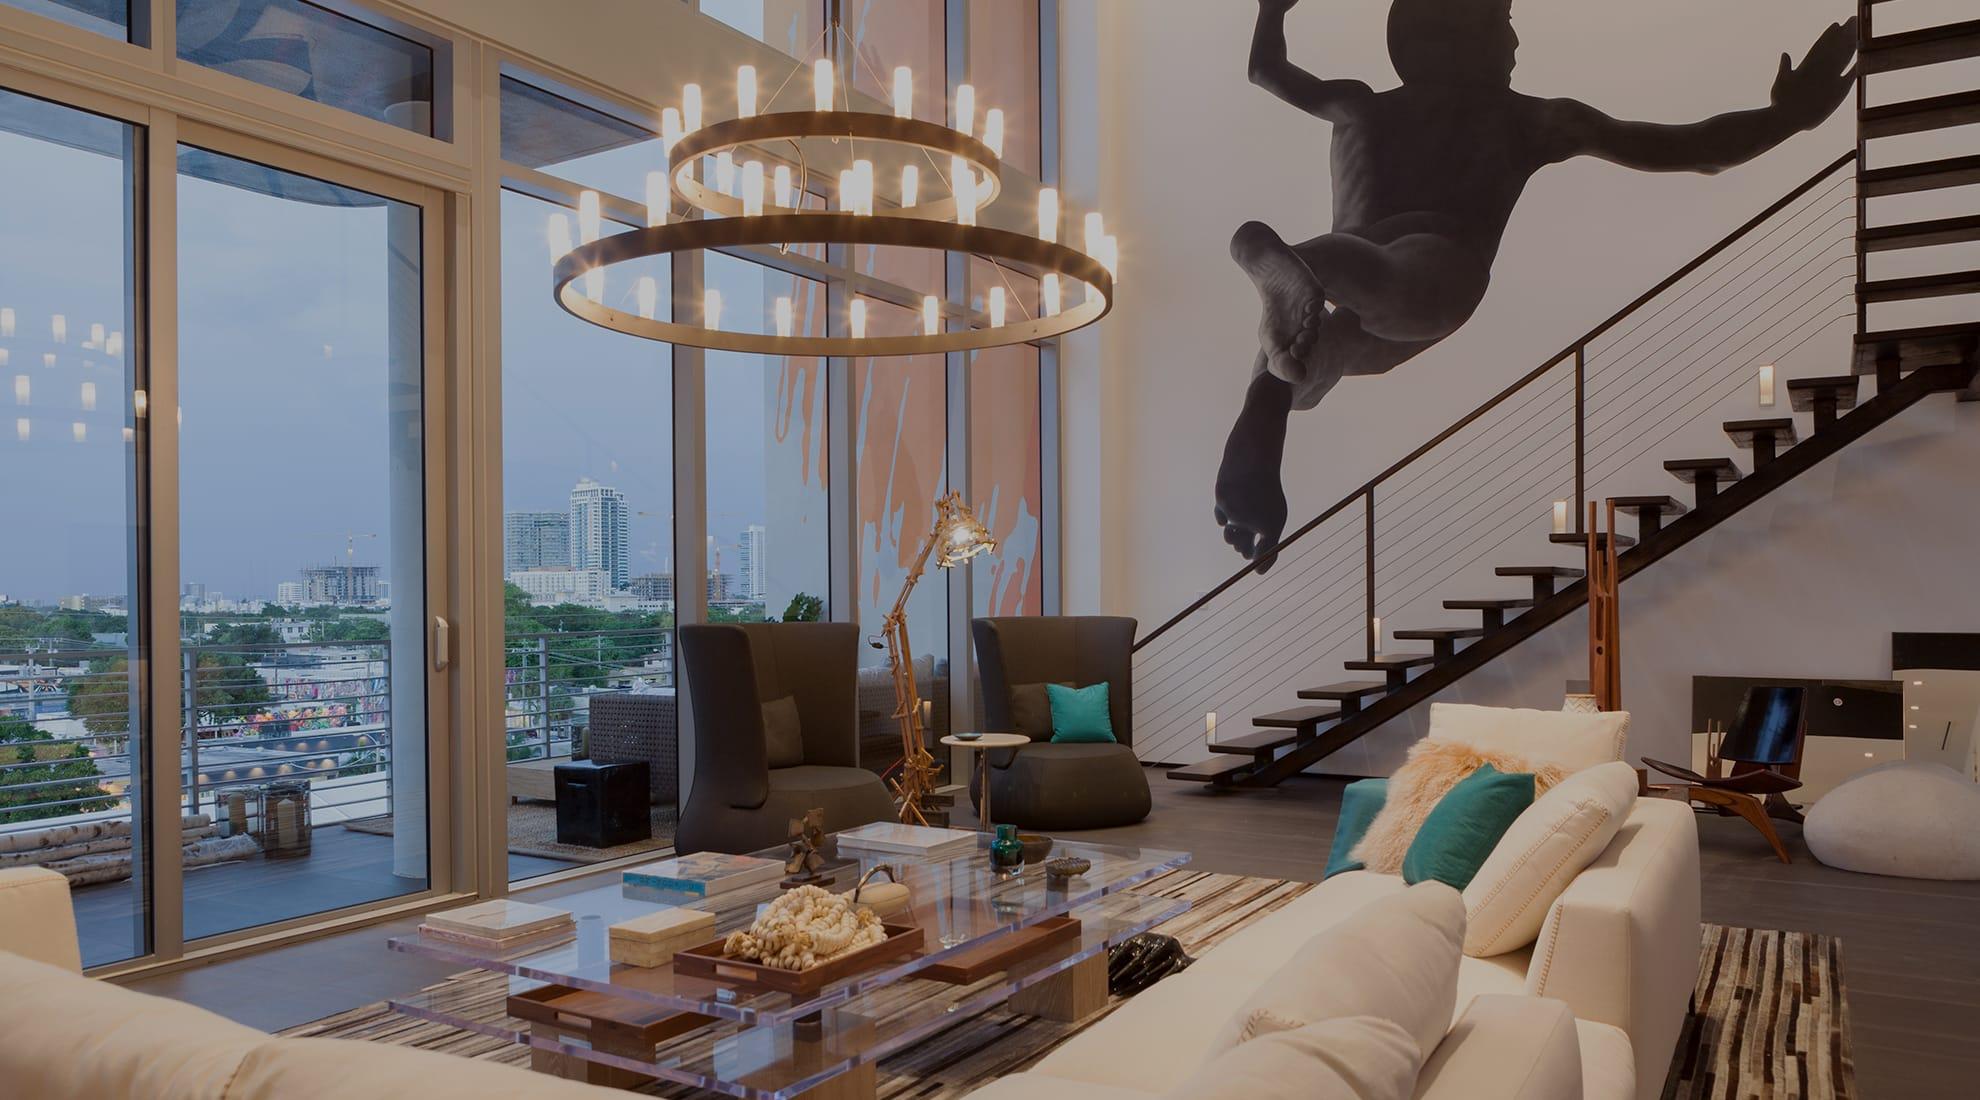 Living Room Lighting Guide Ideas